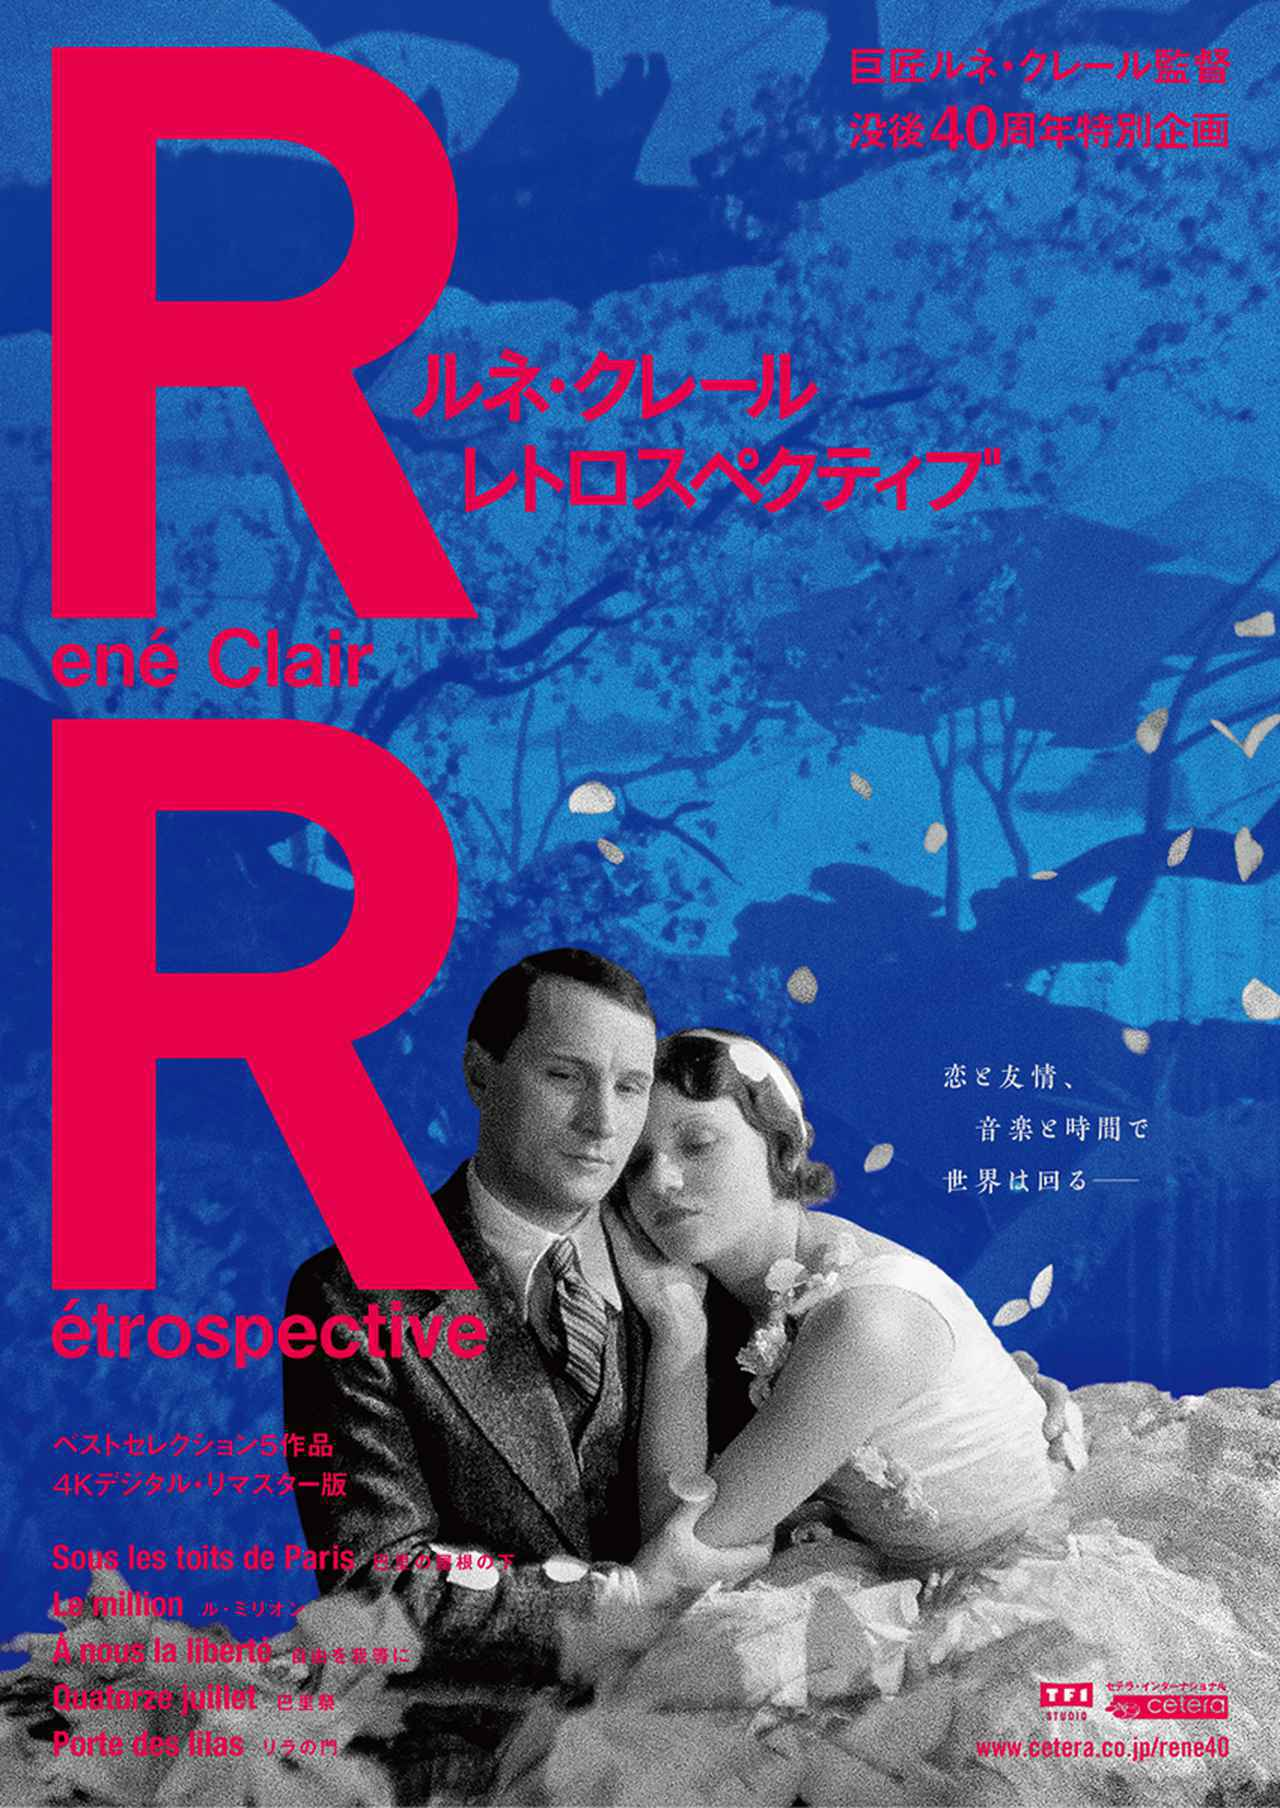 画像1: 映画の神様、ルネ・クレールからの贈りもの!映像と音楽が紡ぐ、リリカルなパリの下町ファンタジィの世界へ―4K デジタル修復による『ルネ・クレール レトロスペクティブ』開催!